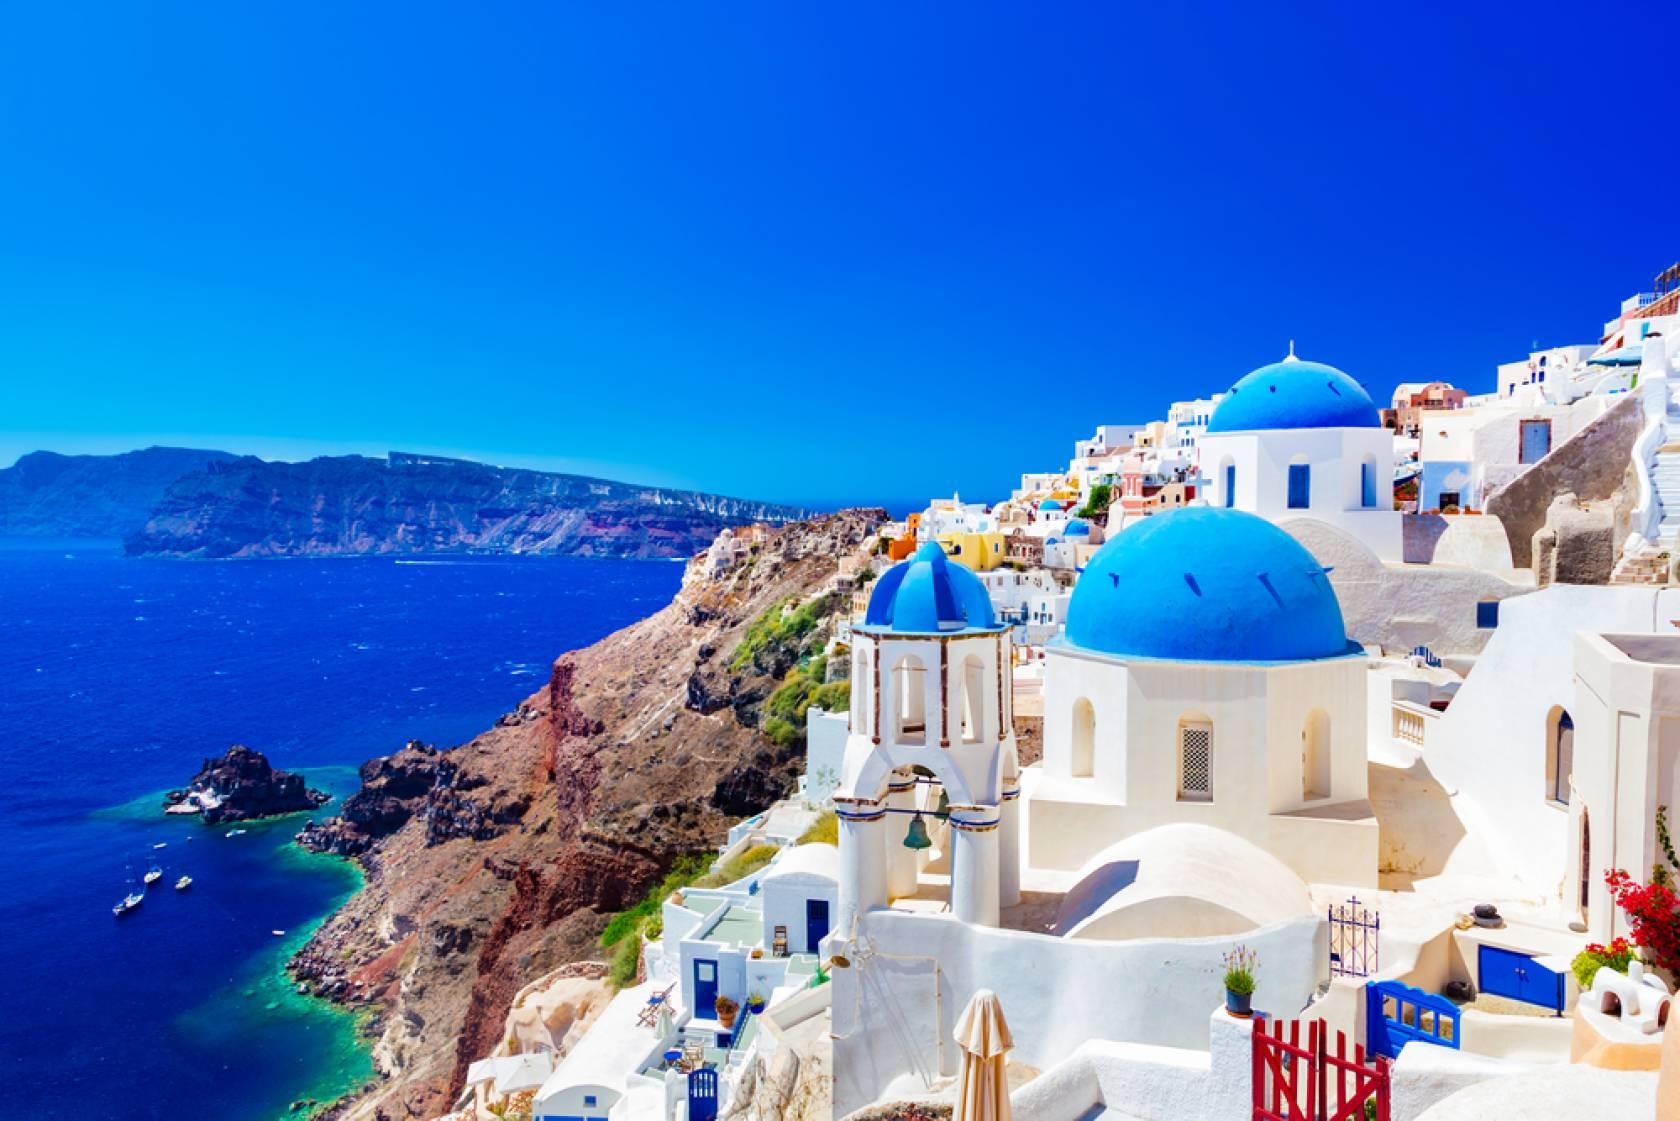 ギリシャ2か国ハネムーン(新婚旅行)♡イタリア・カプリ島「青の洞窟 ...